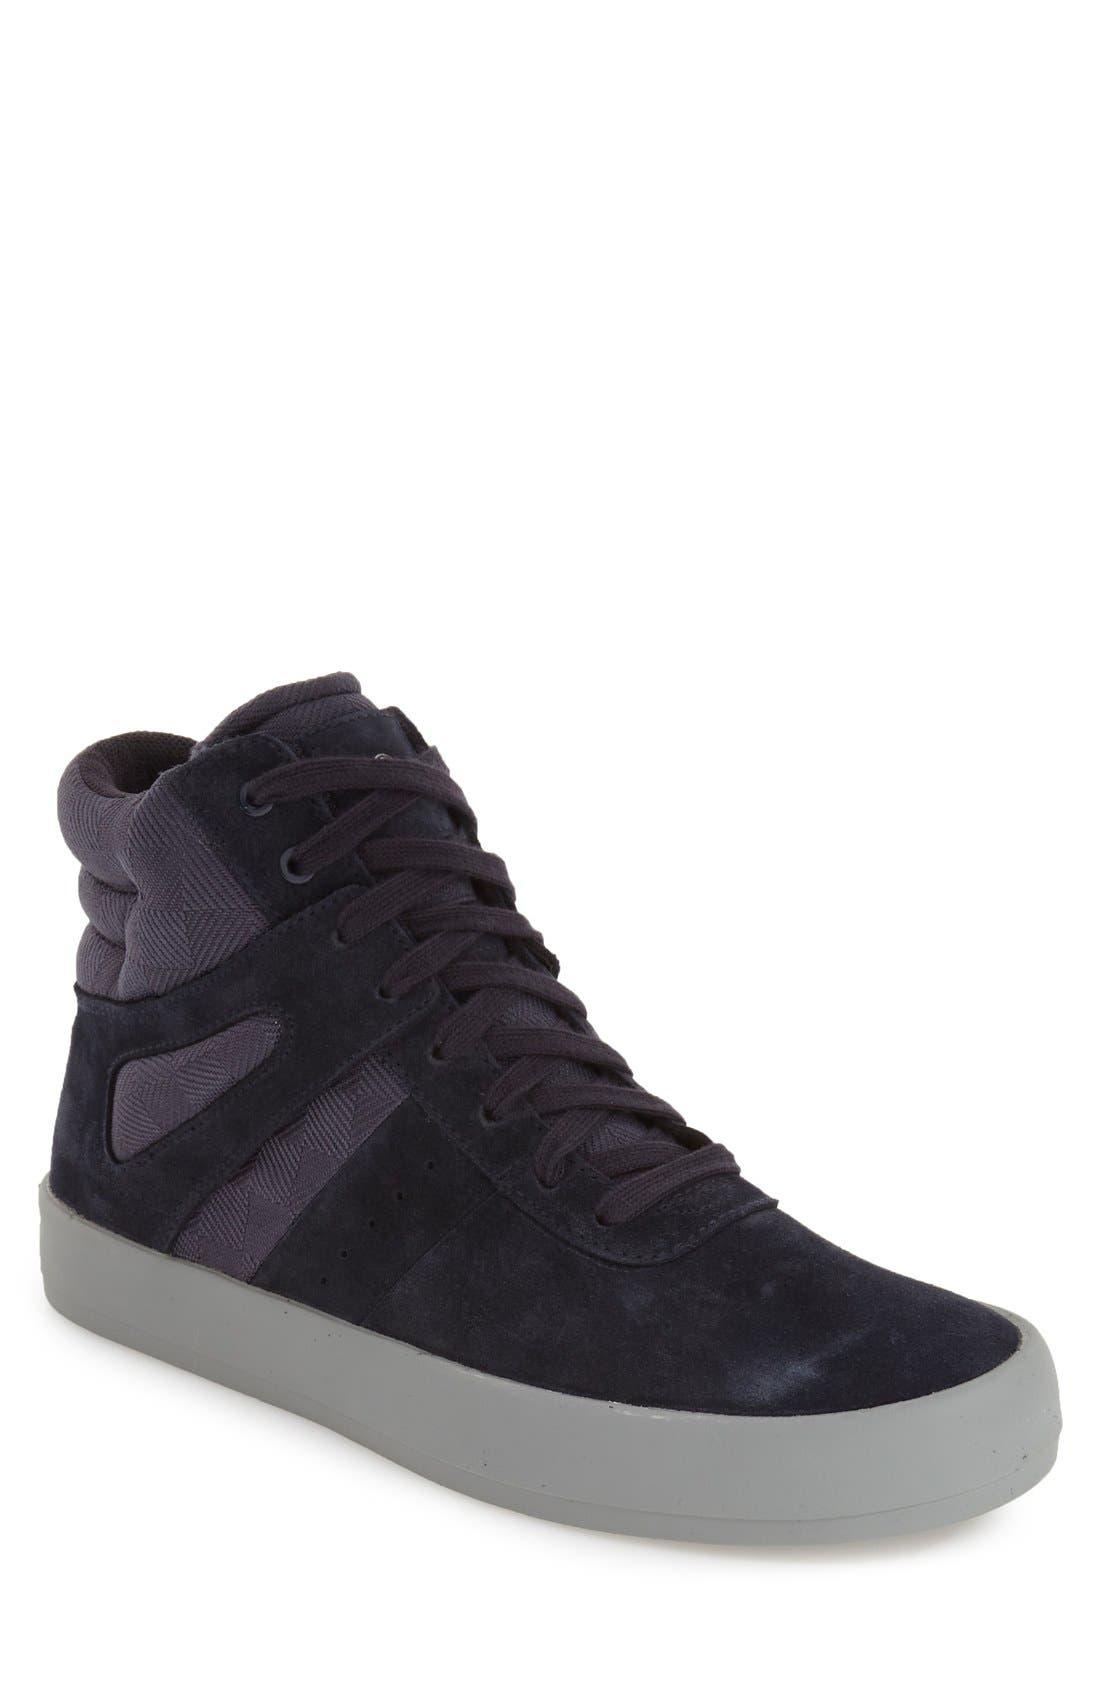 'Moretti' Sneaker,                             Main thumbnail 3, color,